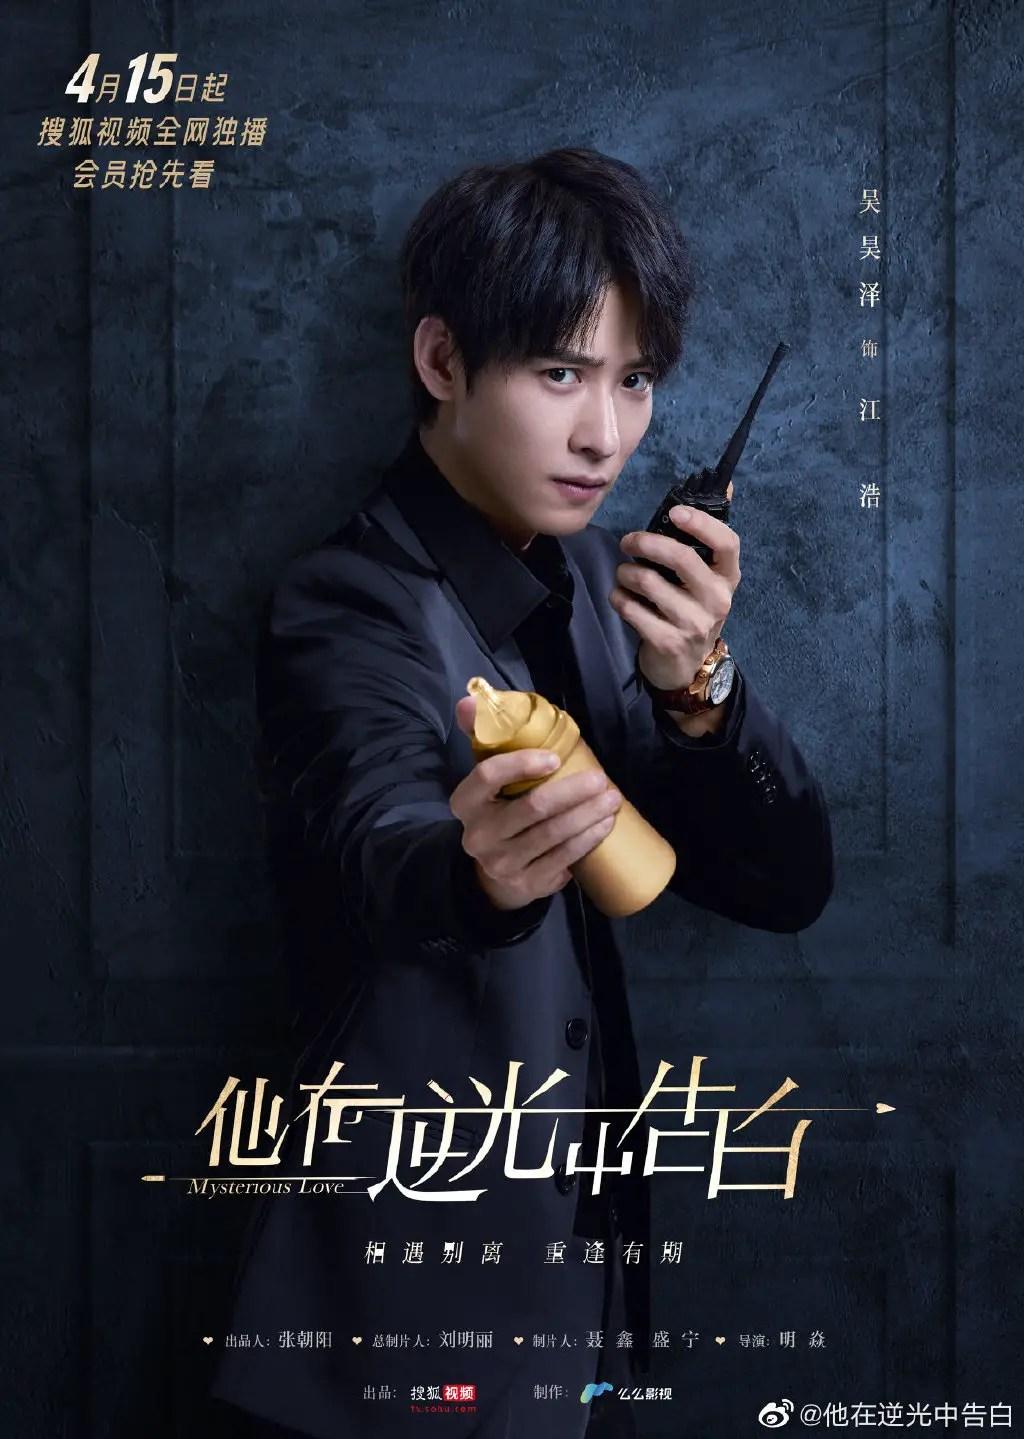 Wu Hao Ze